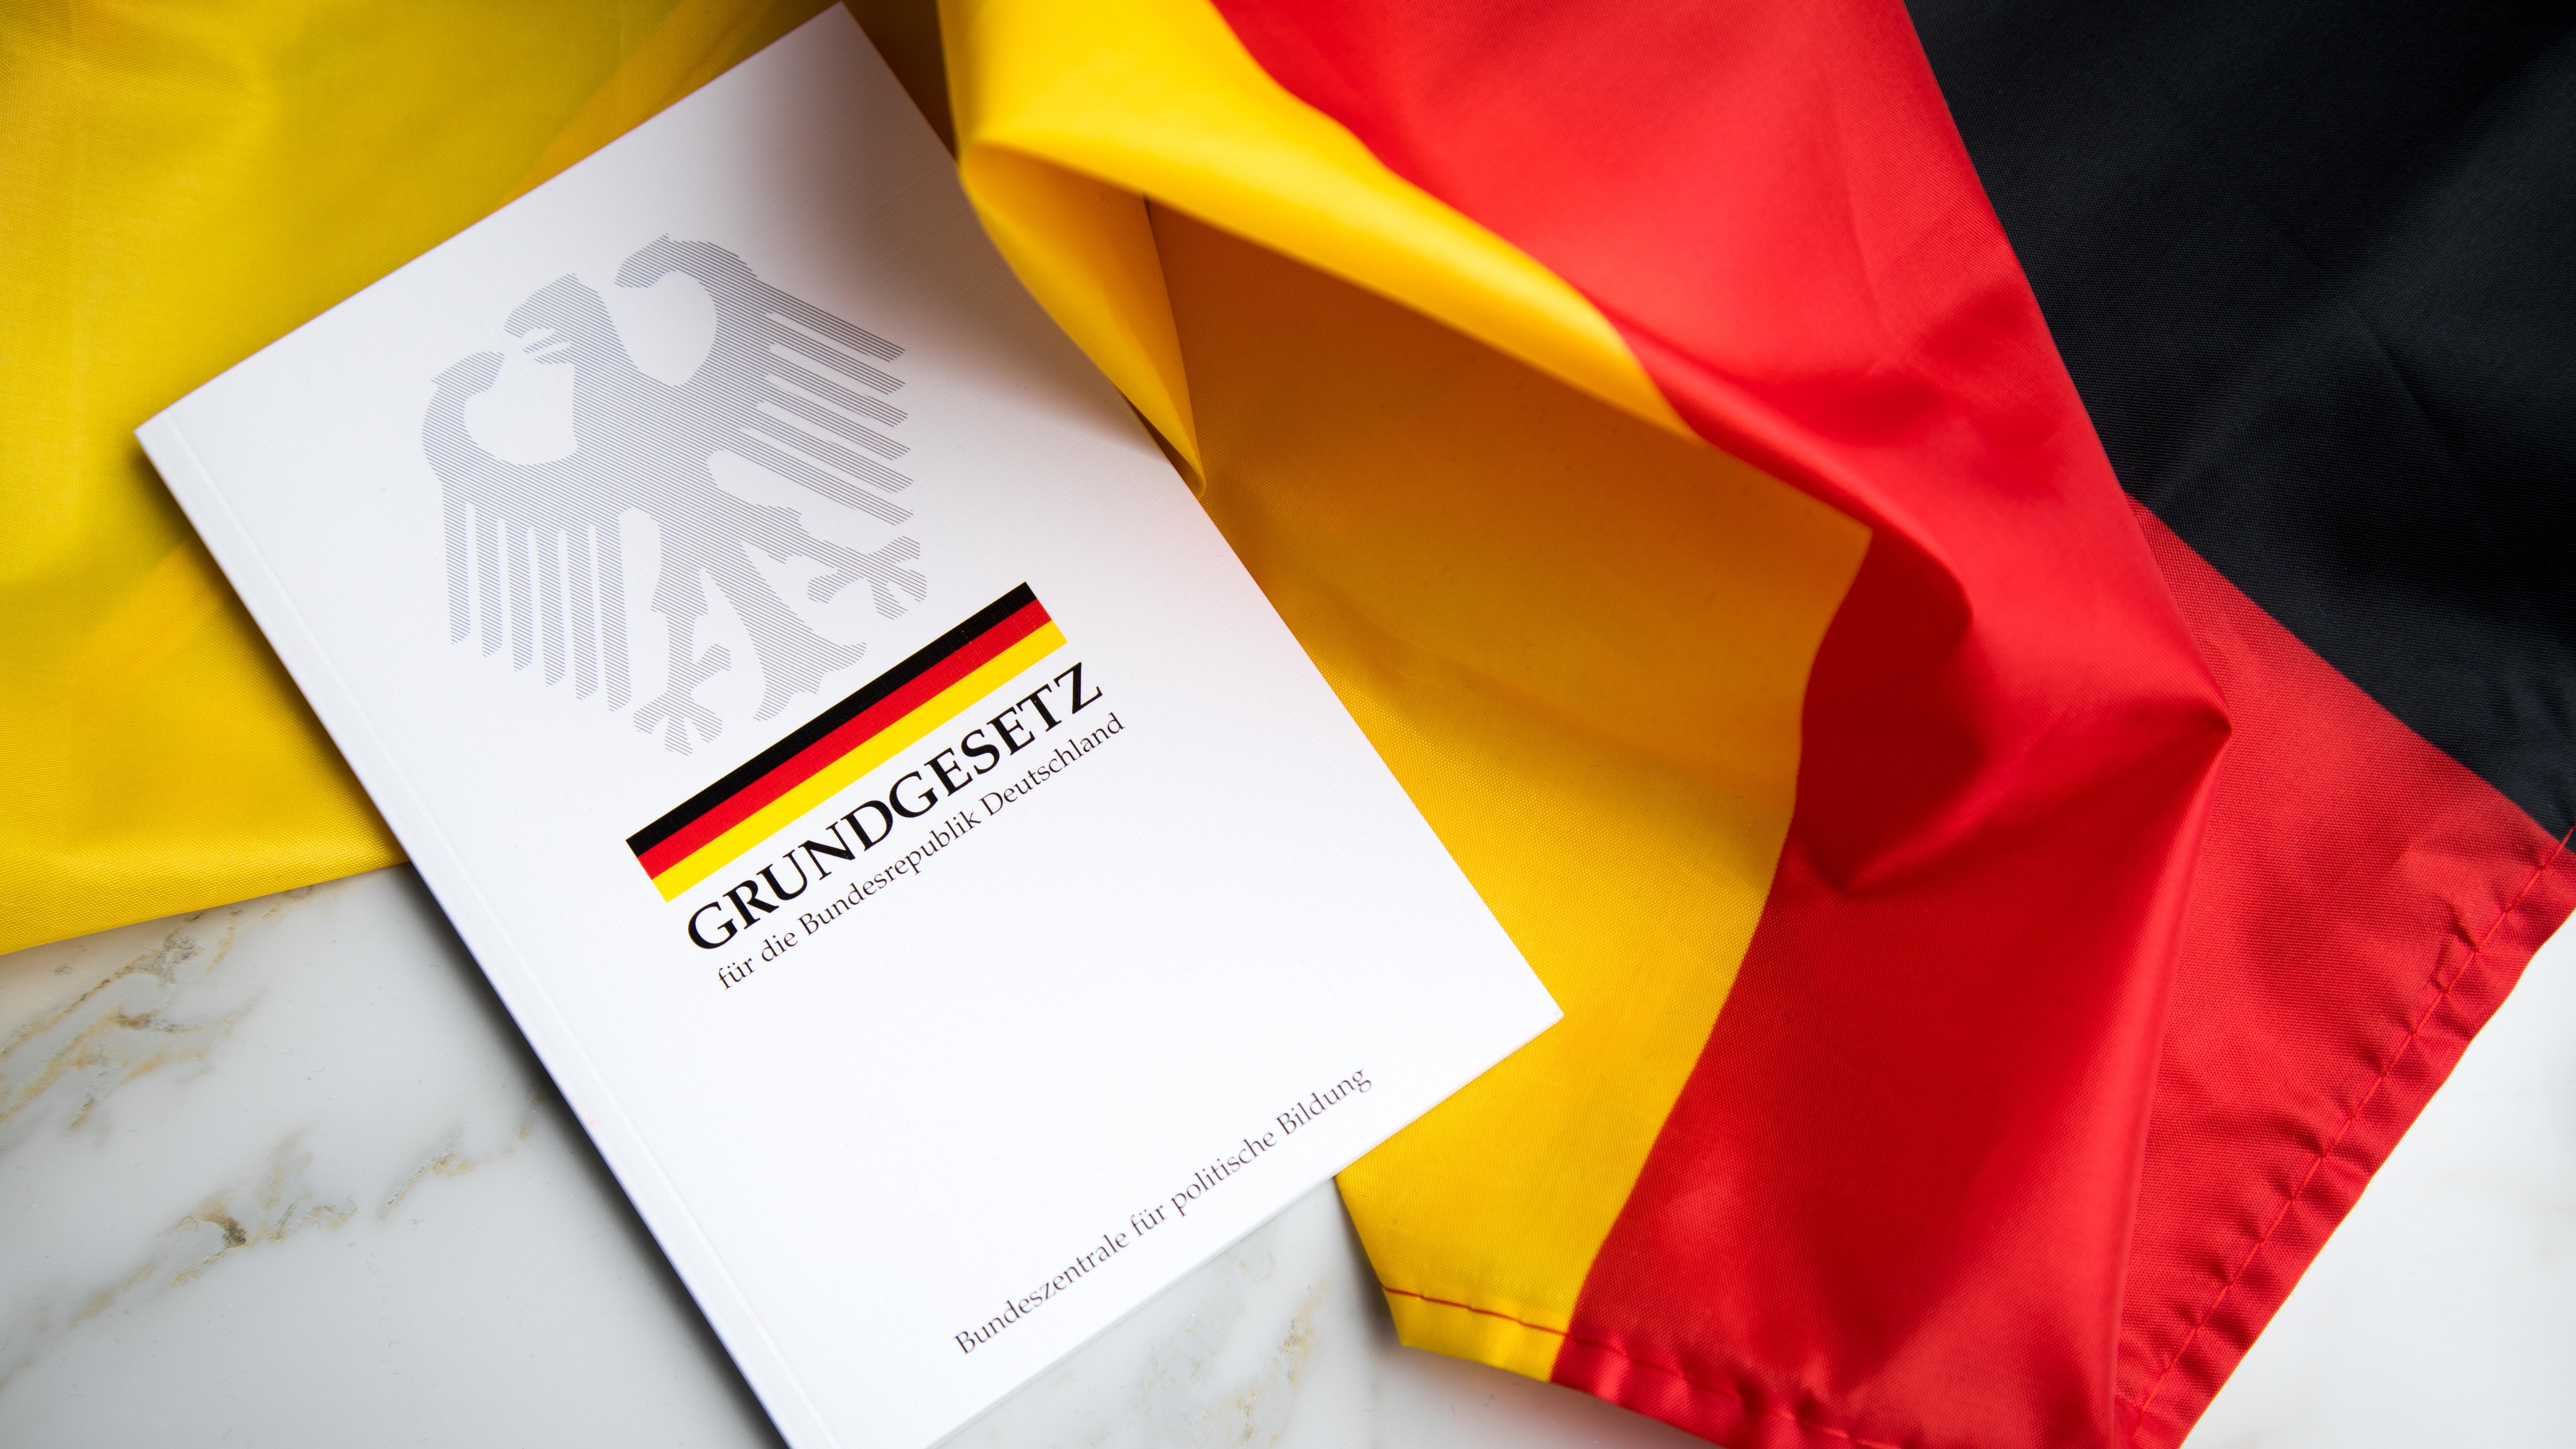 Получение гражданства Германии регламентируется Конституцией